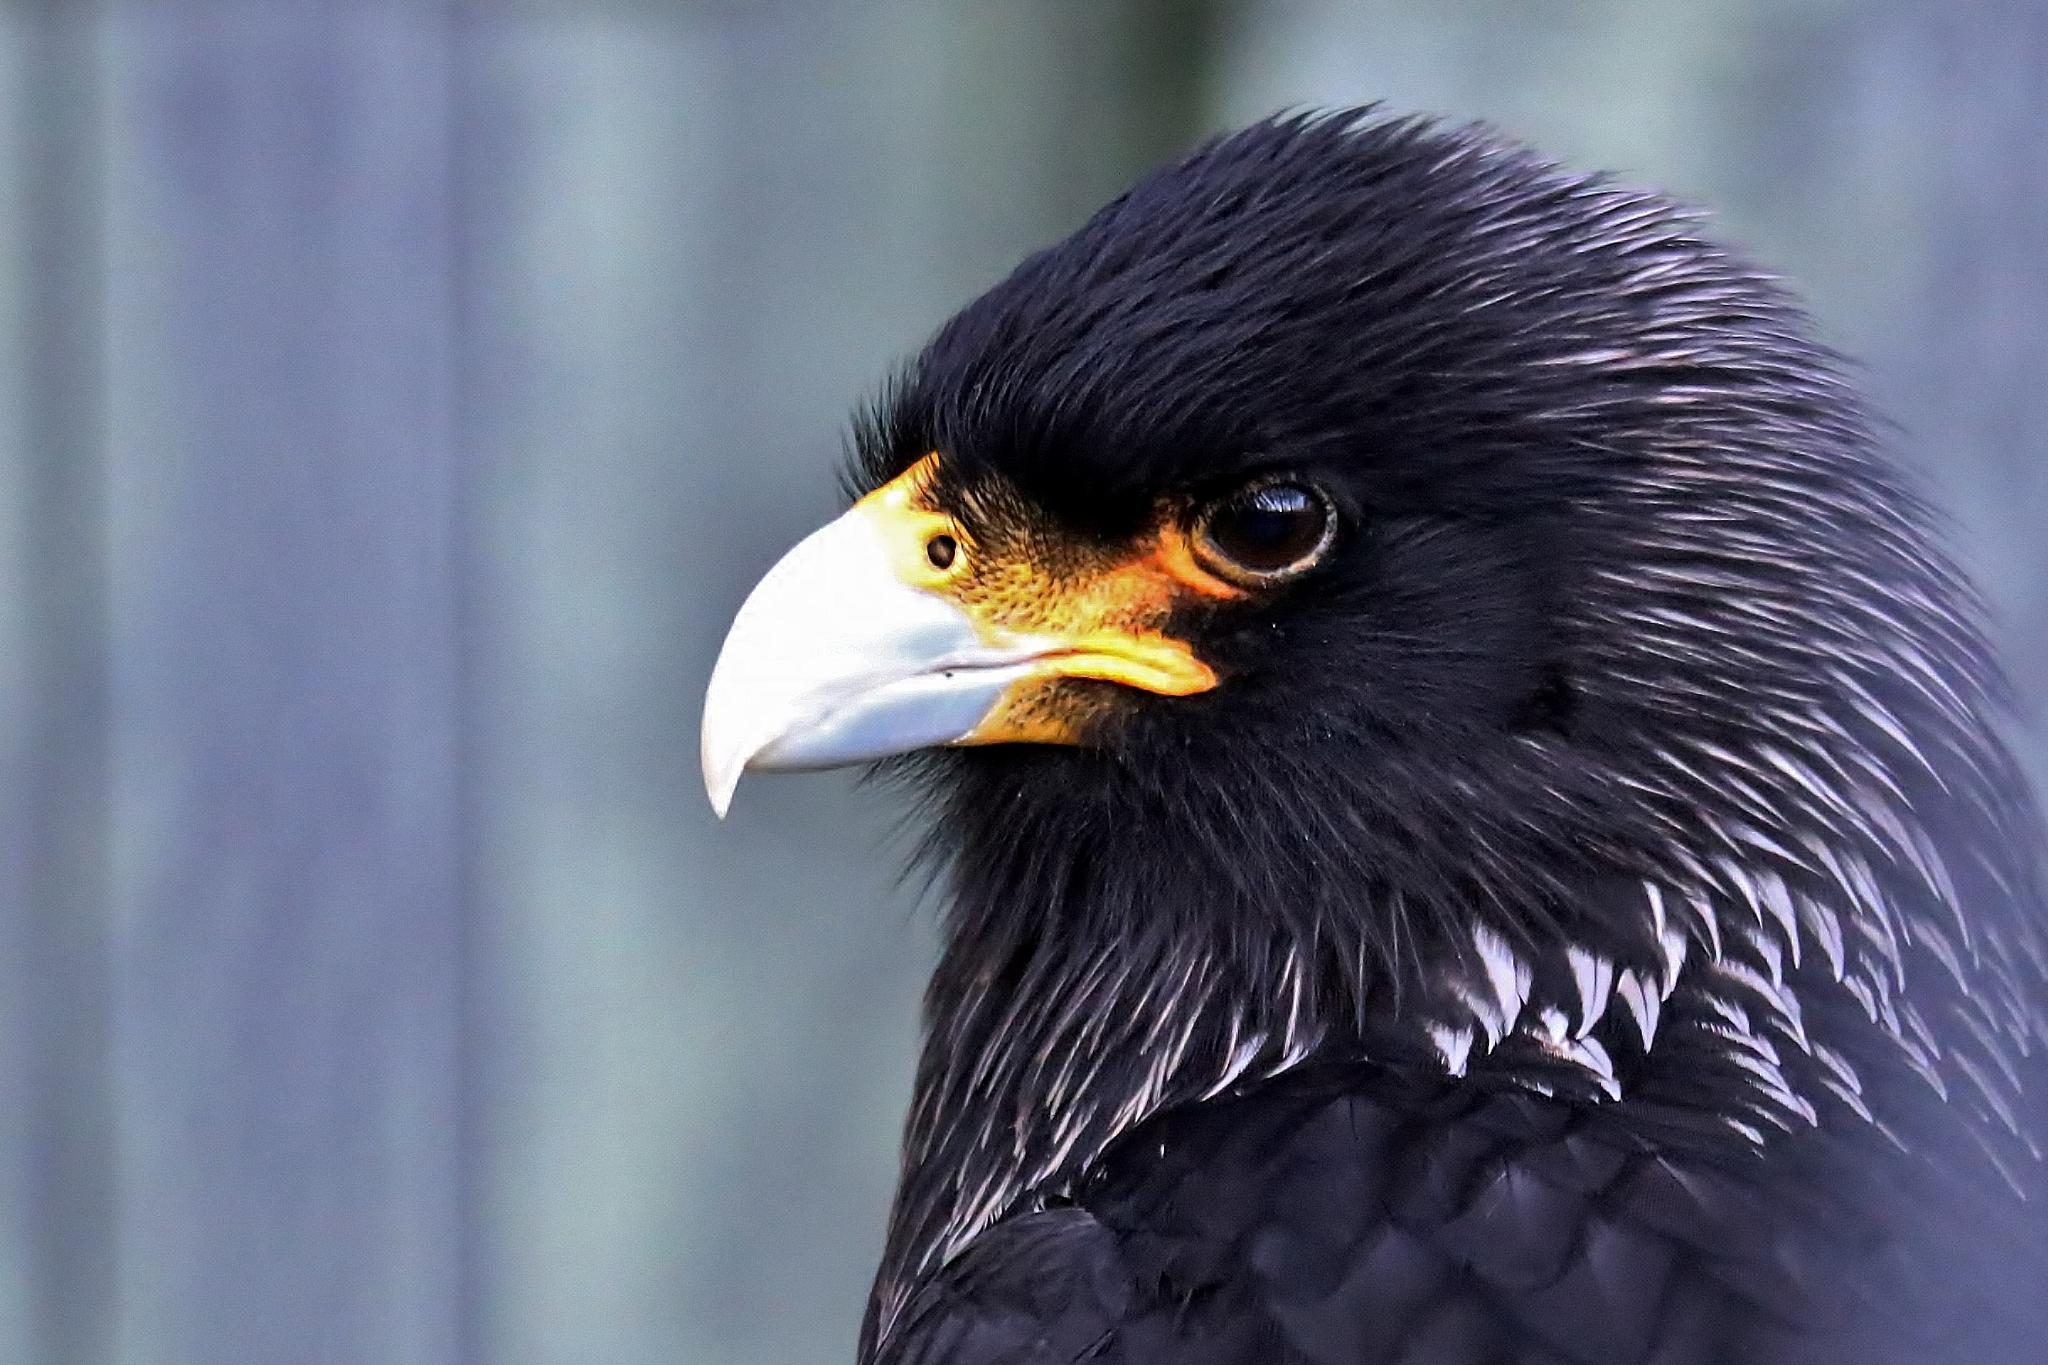 Bird by Yves de Boer